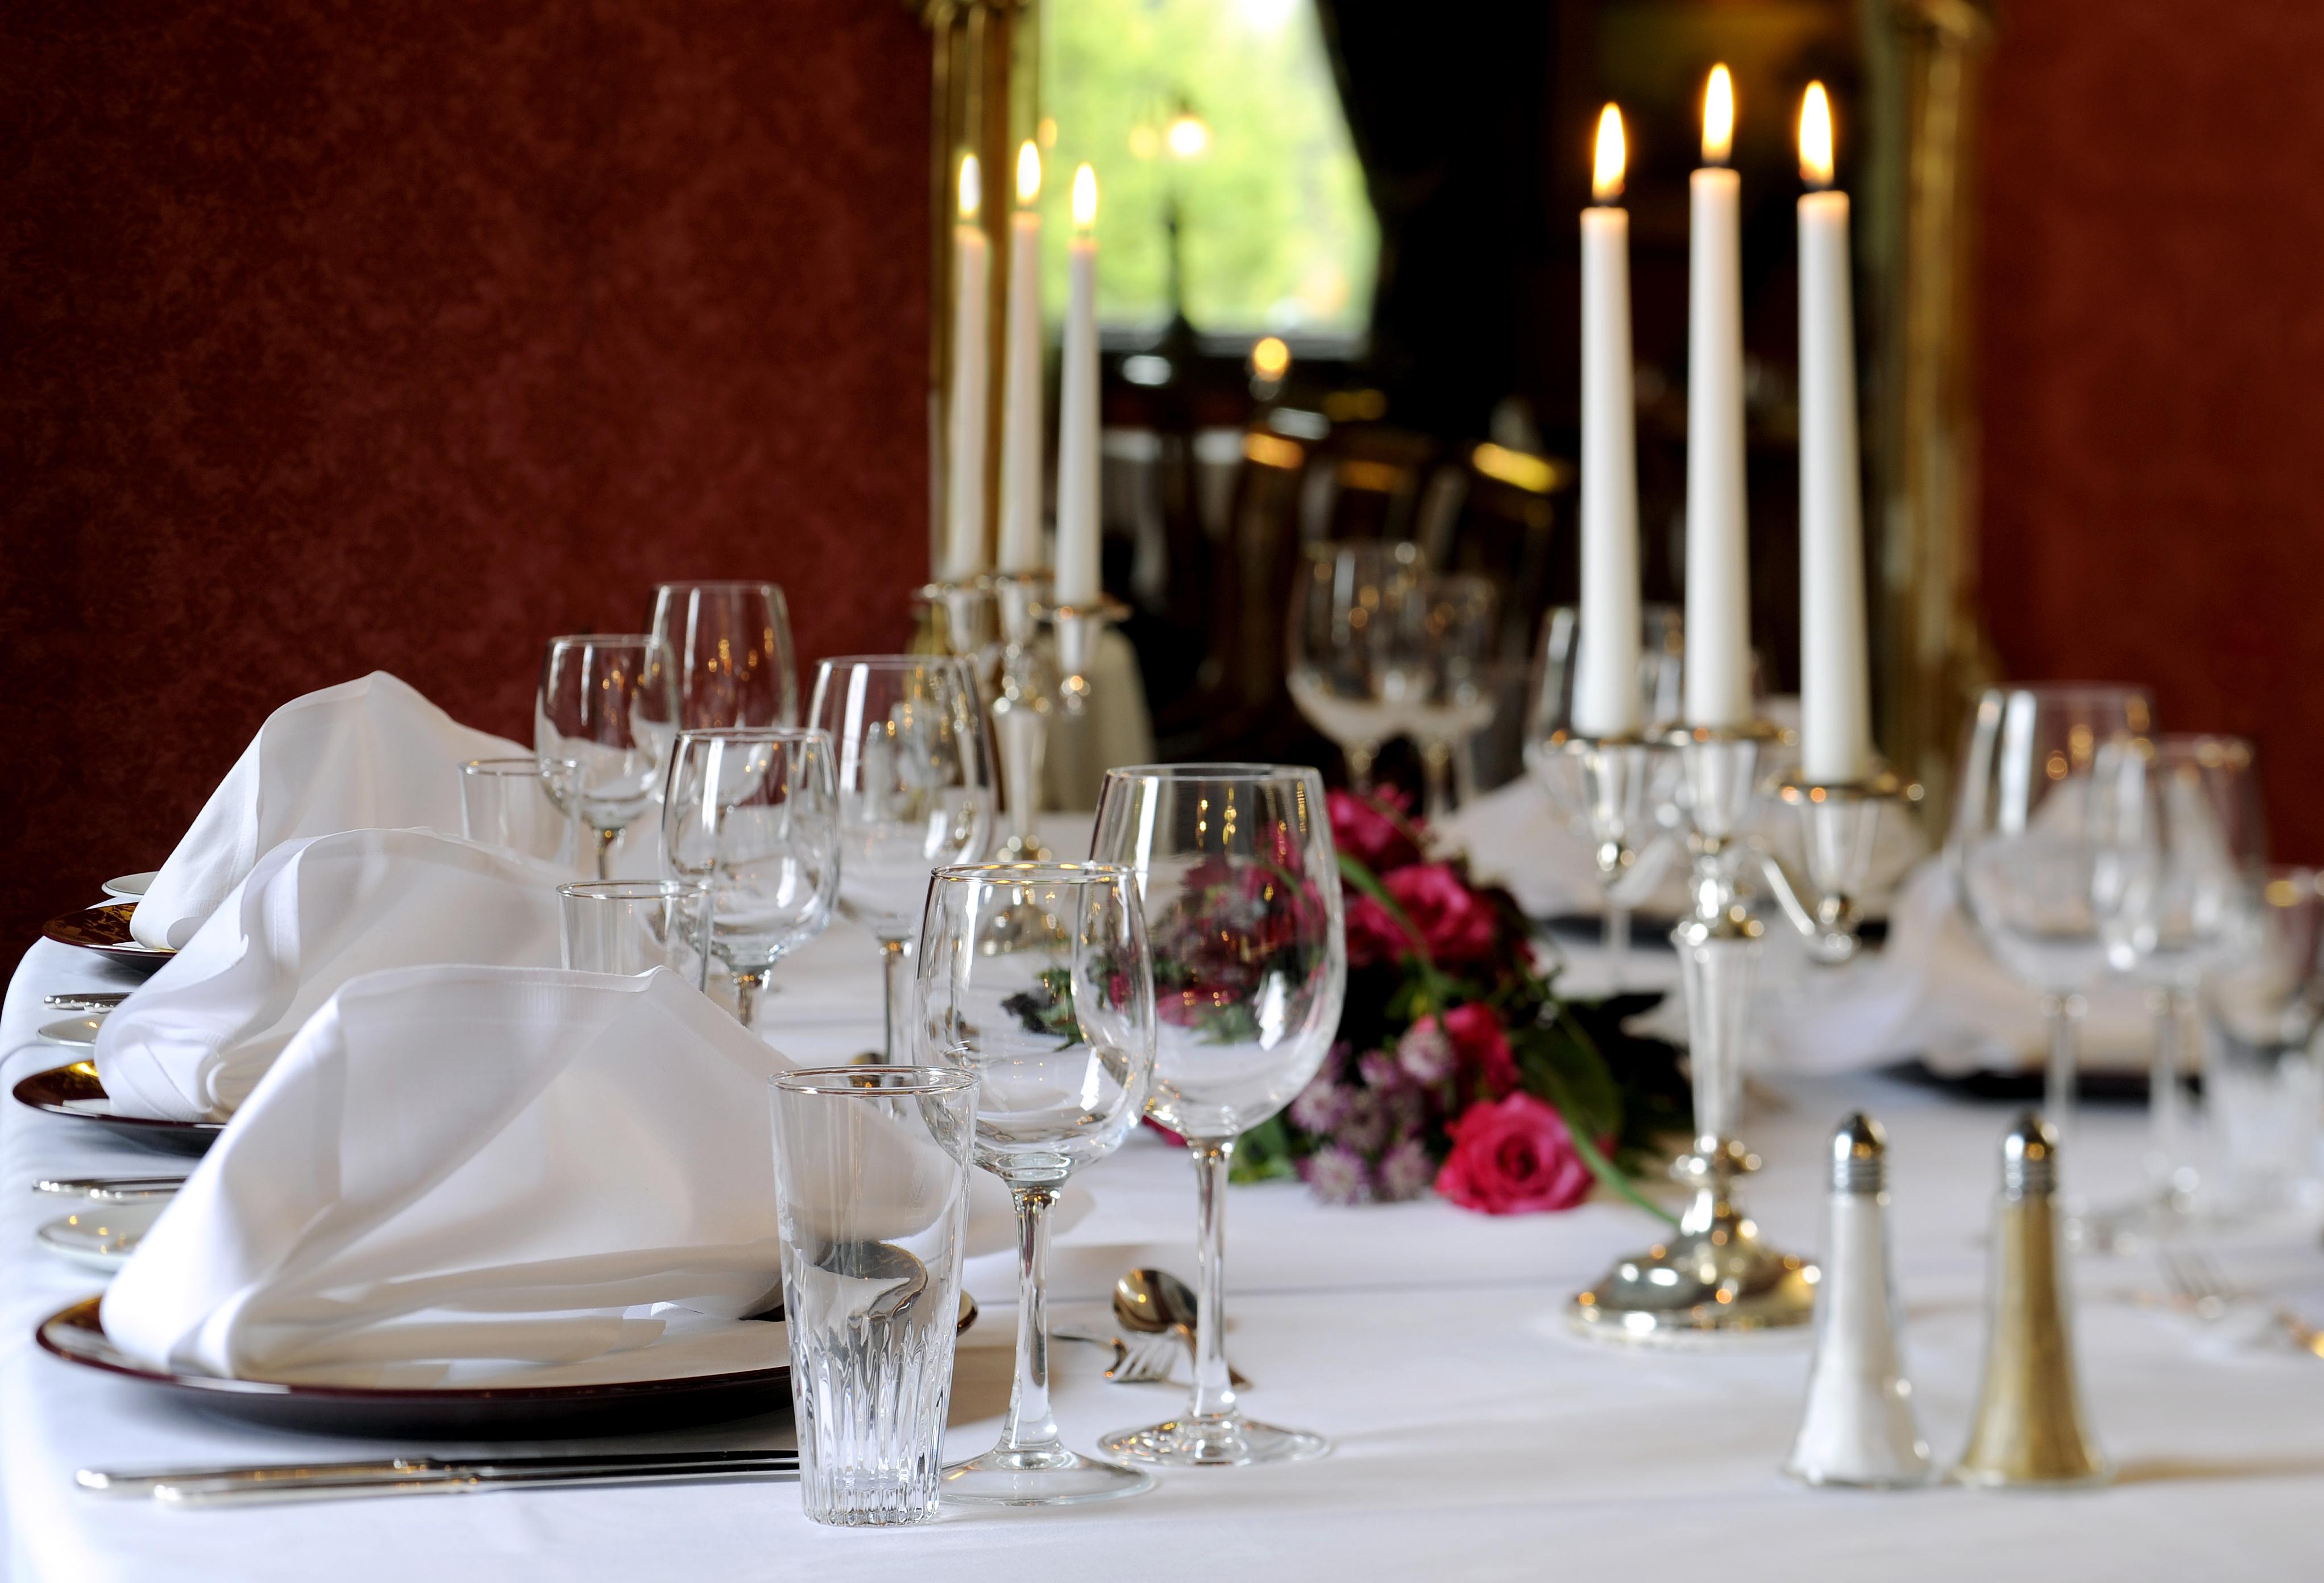 Hos hotellets restaurant finner man god mat og atmosfære, © Thon Høyers Hotel